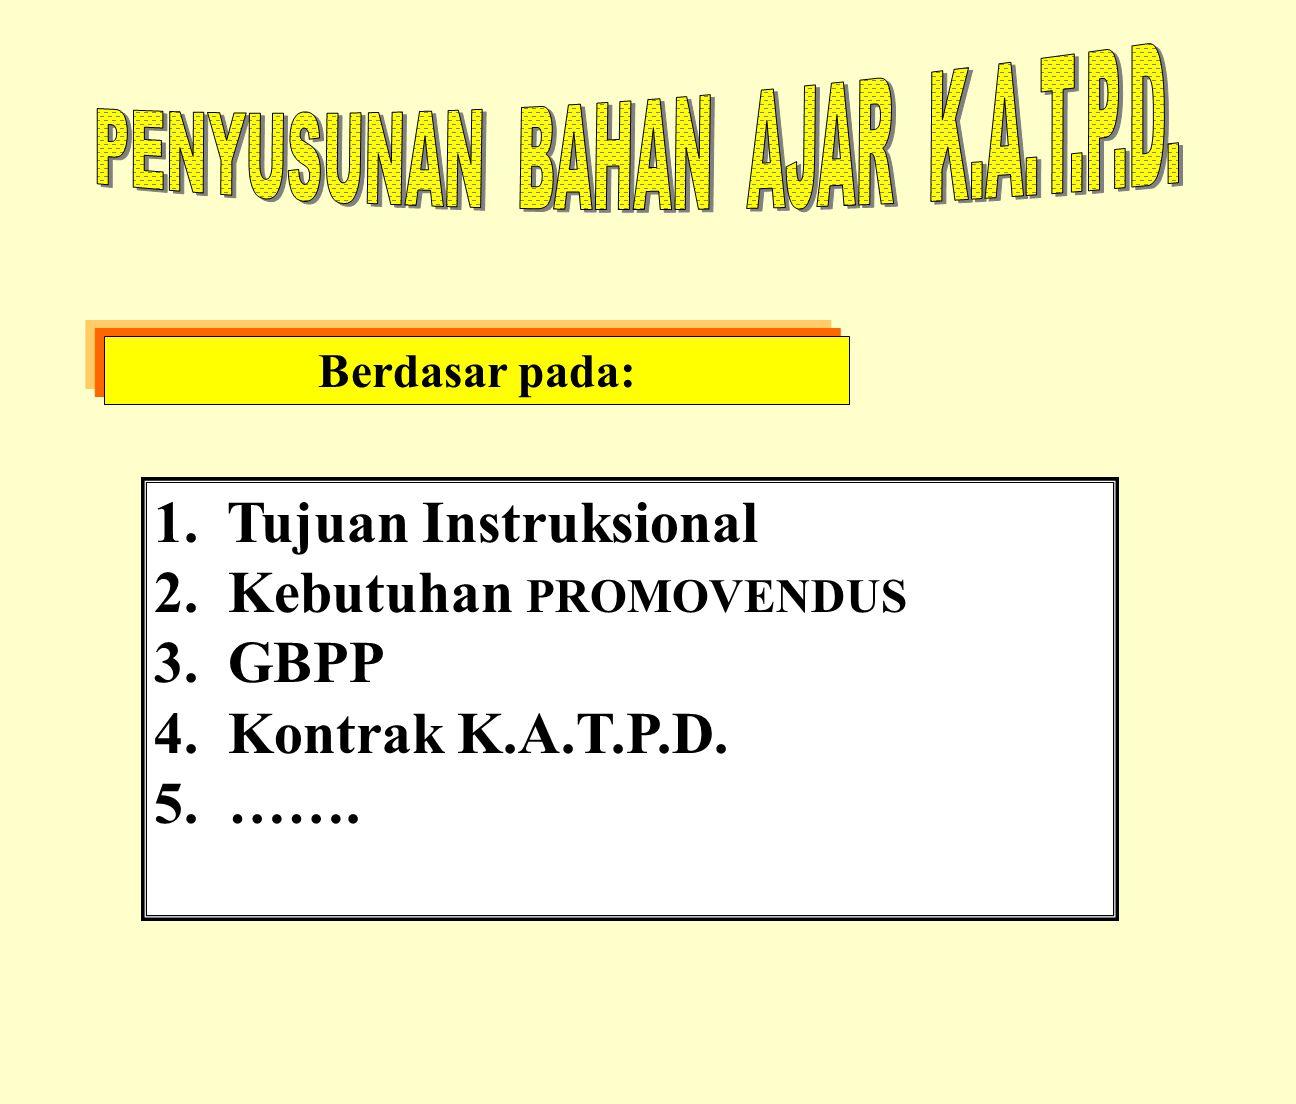 PENYUSUNAN BAHAN AJAR K.A.T.P.D.